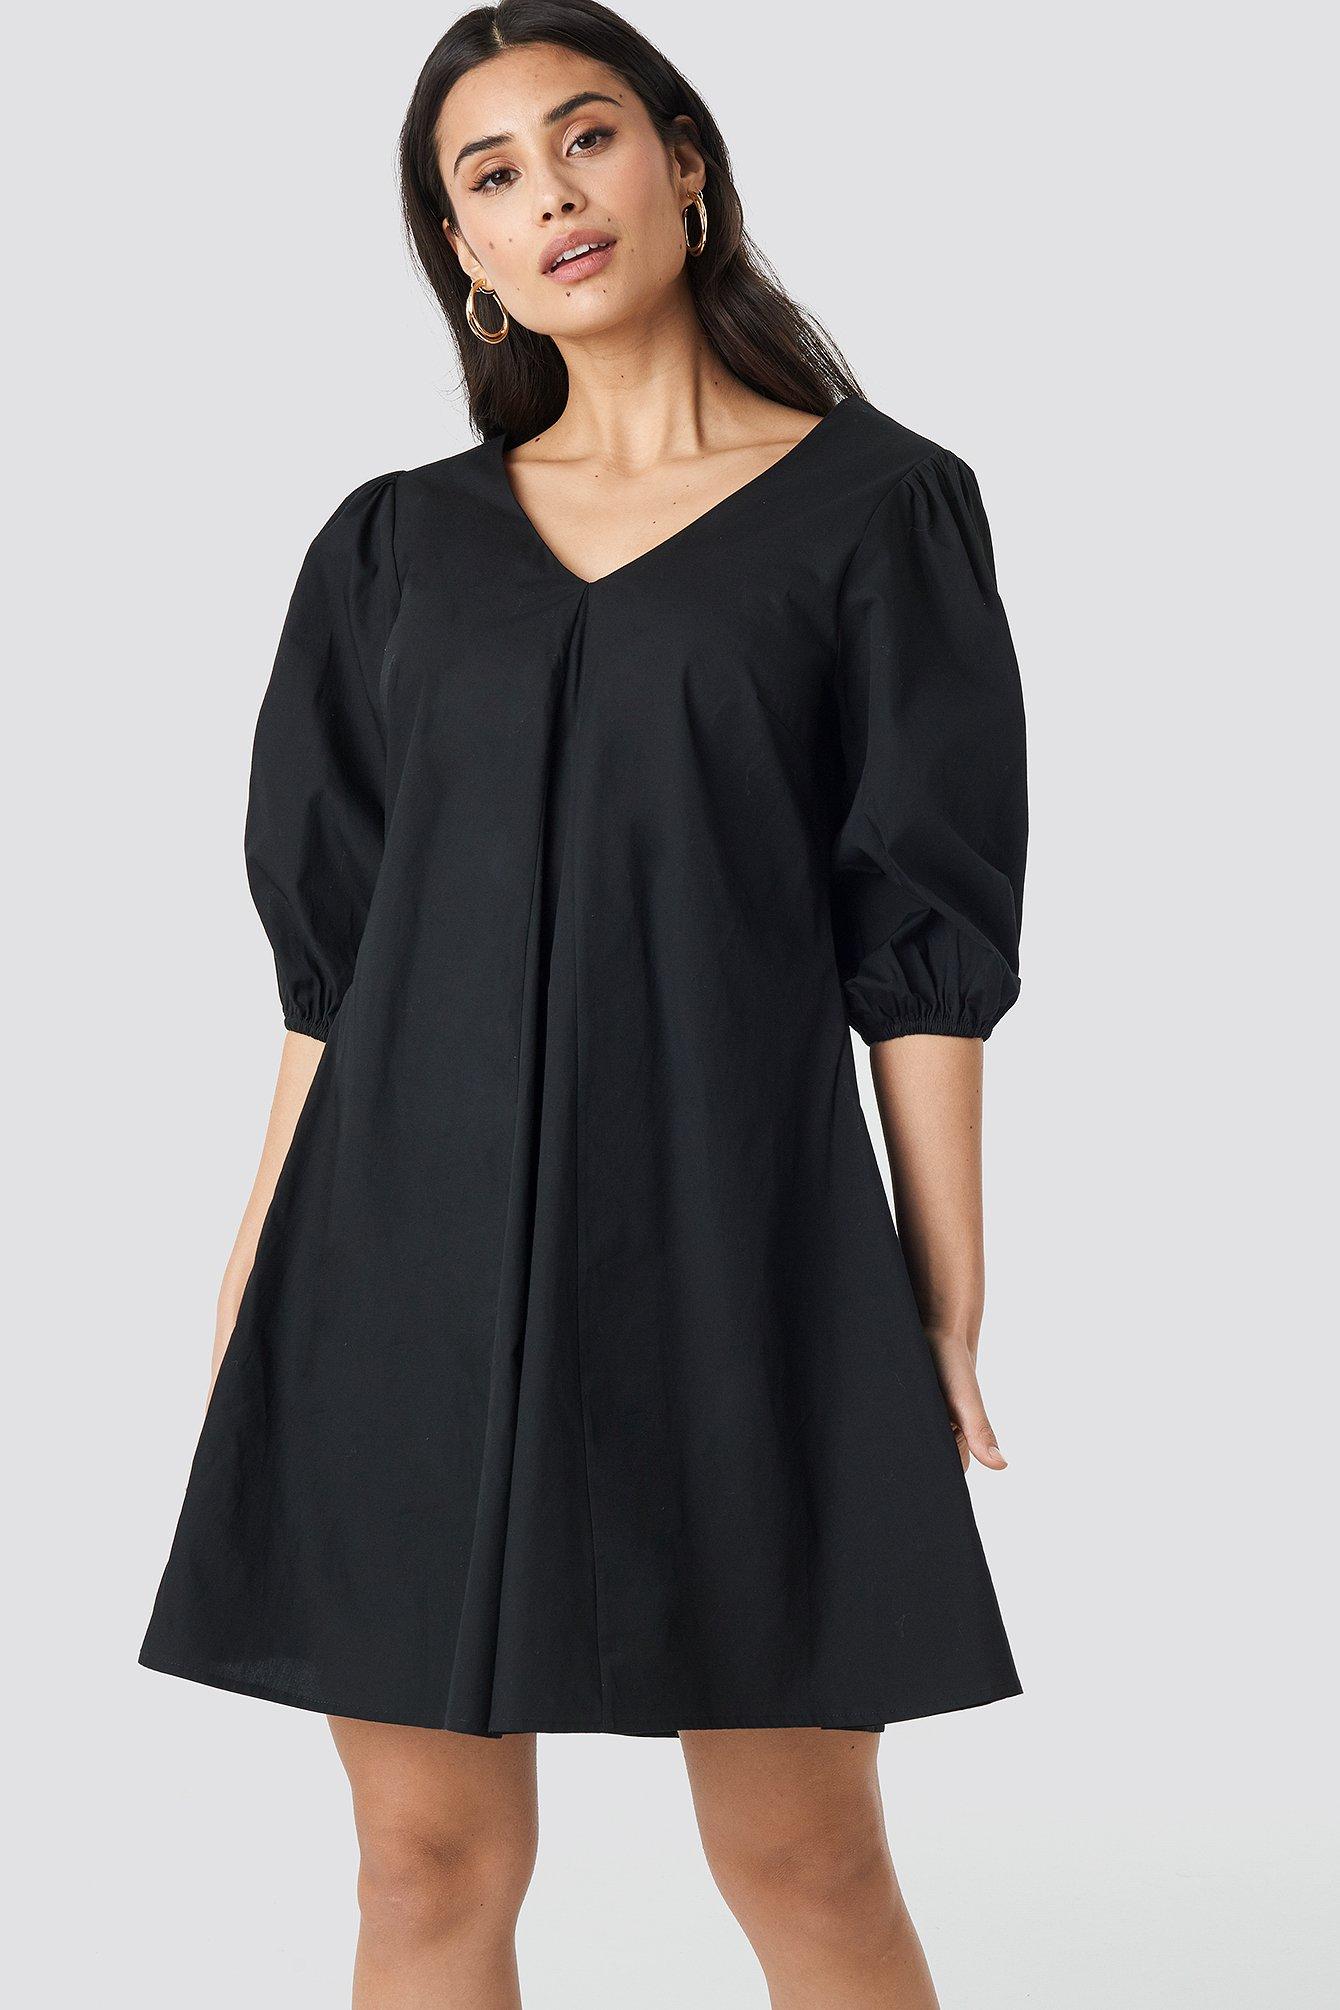 NA-KD Trend V-back and Front Short Sleeve Dress - Black